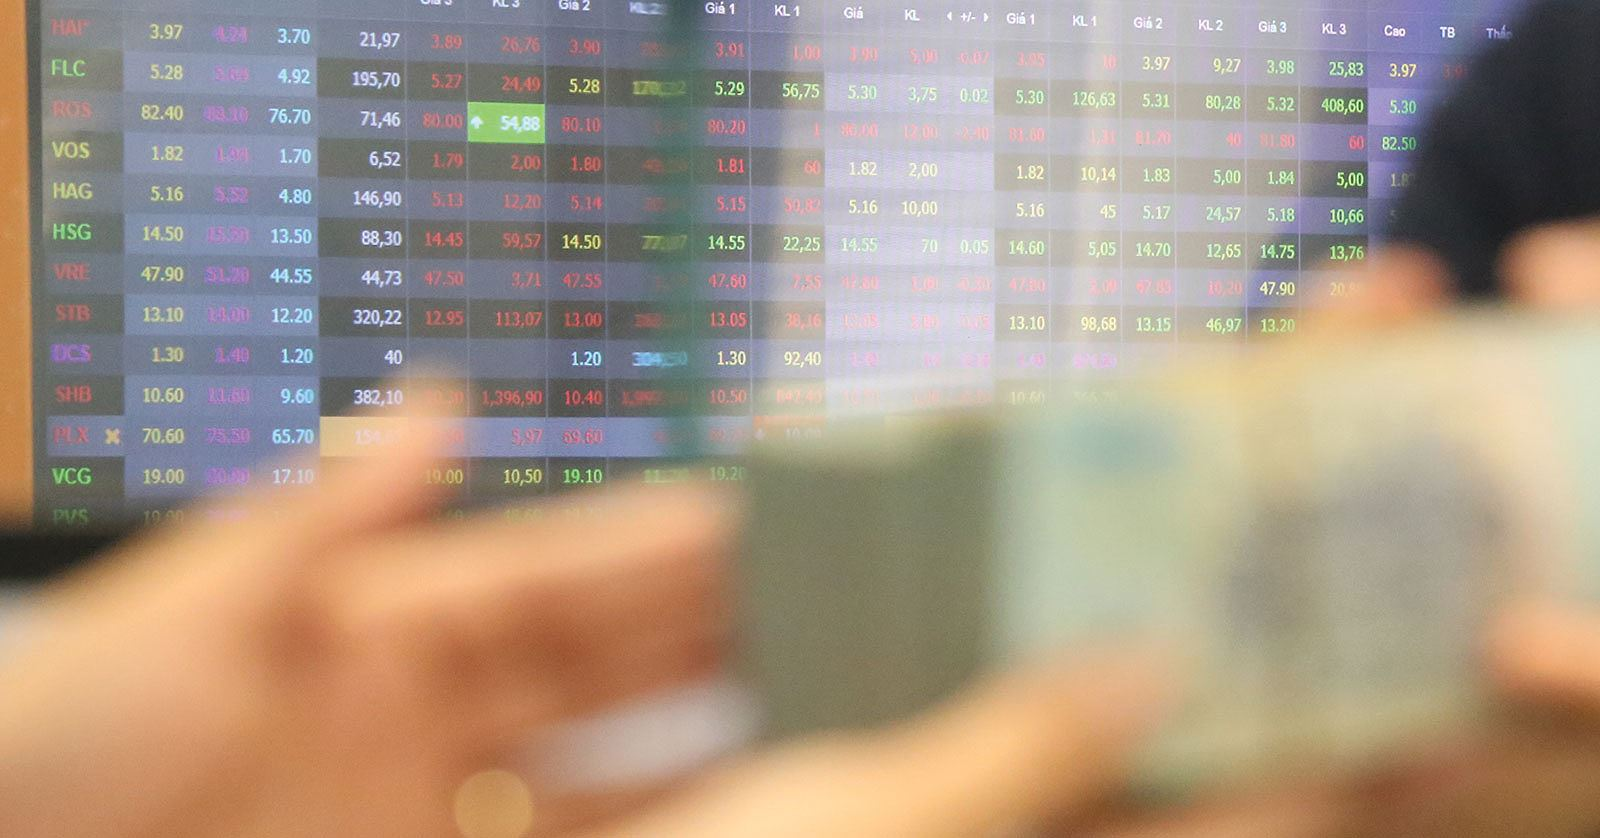 Chứng quyền, lựa chọn tốt khi thị trường gặp biến động